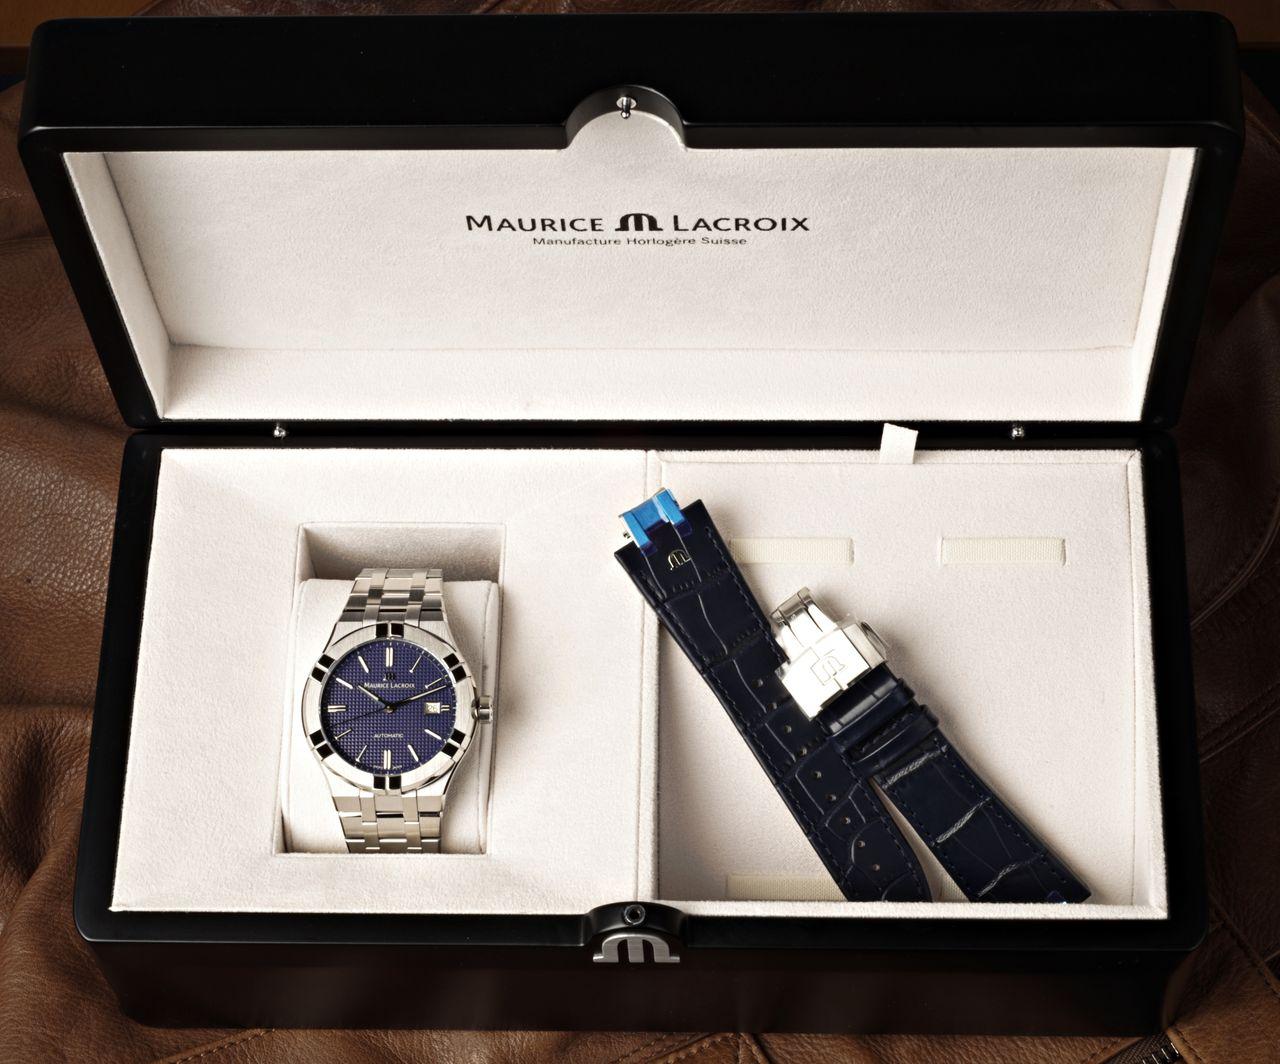 Maurice Lacroix Aikon Automatic - alapból kapjuk a bőrt is / Fotó: Venicz Áron